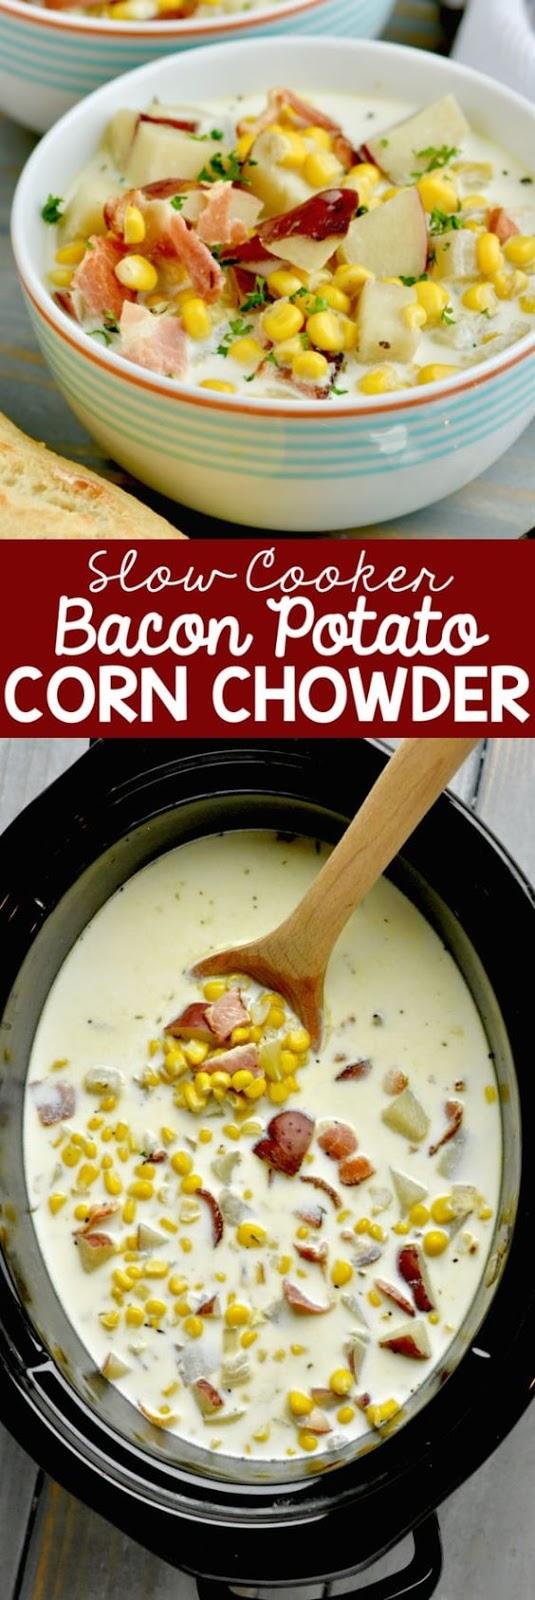 Slow Cooker Bacon Potato Corn Chowder